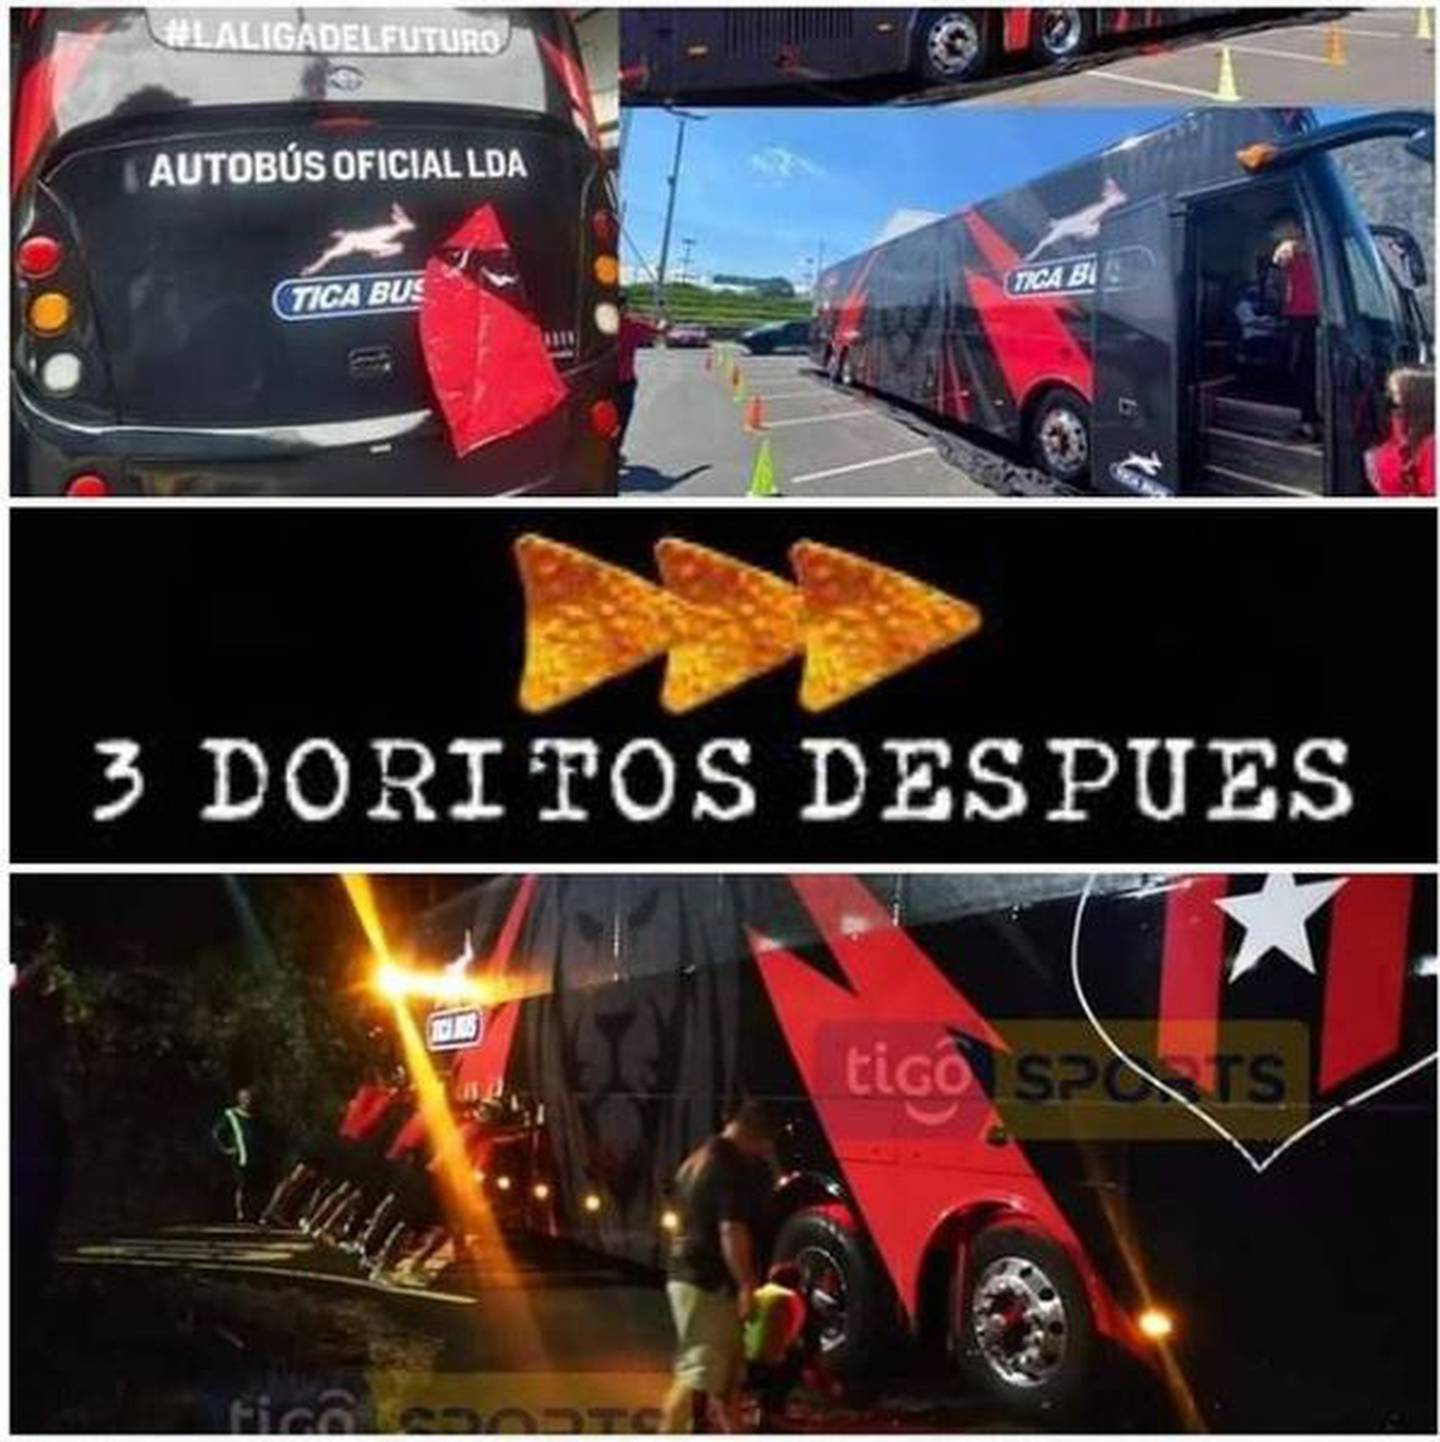 El bus en donde viaja Alajuelense se accidentó y los memes no se hicieron esperar. Cortesía.